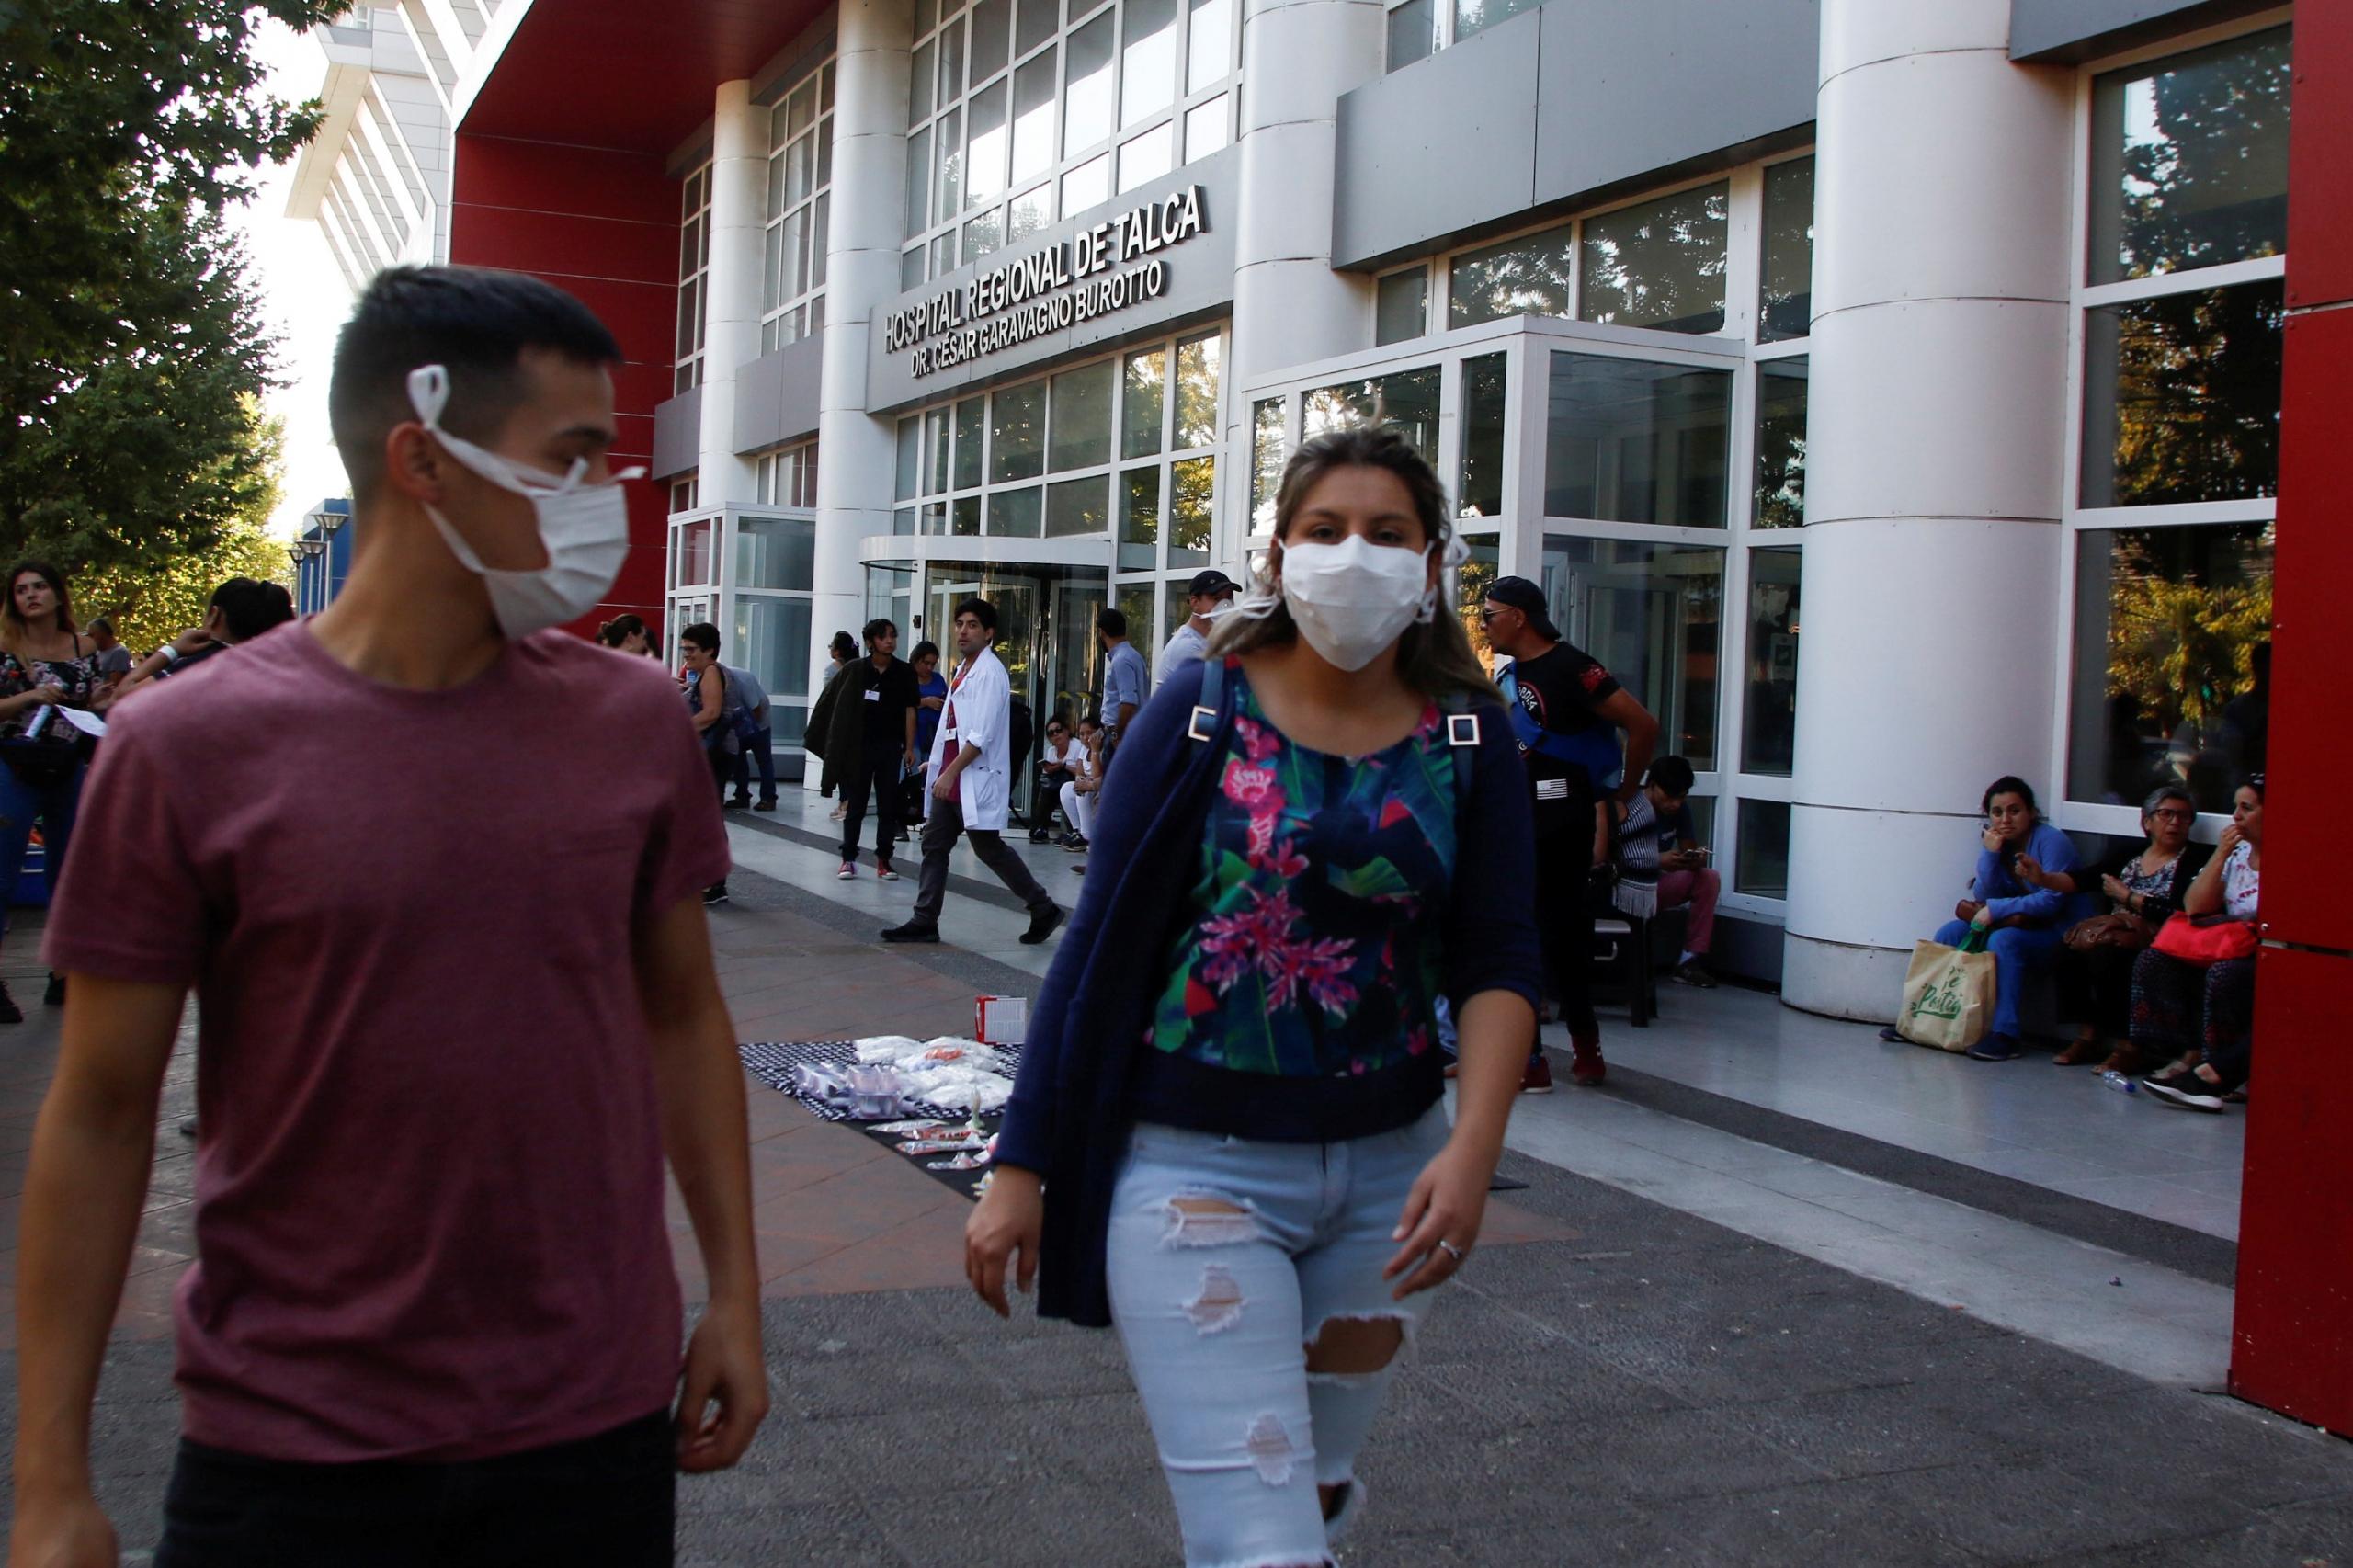 Coronavirus: Chile ya tiene 5 casos; Perú confirma el primero del país